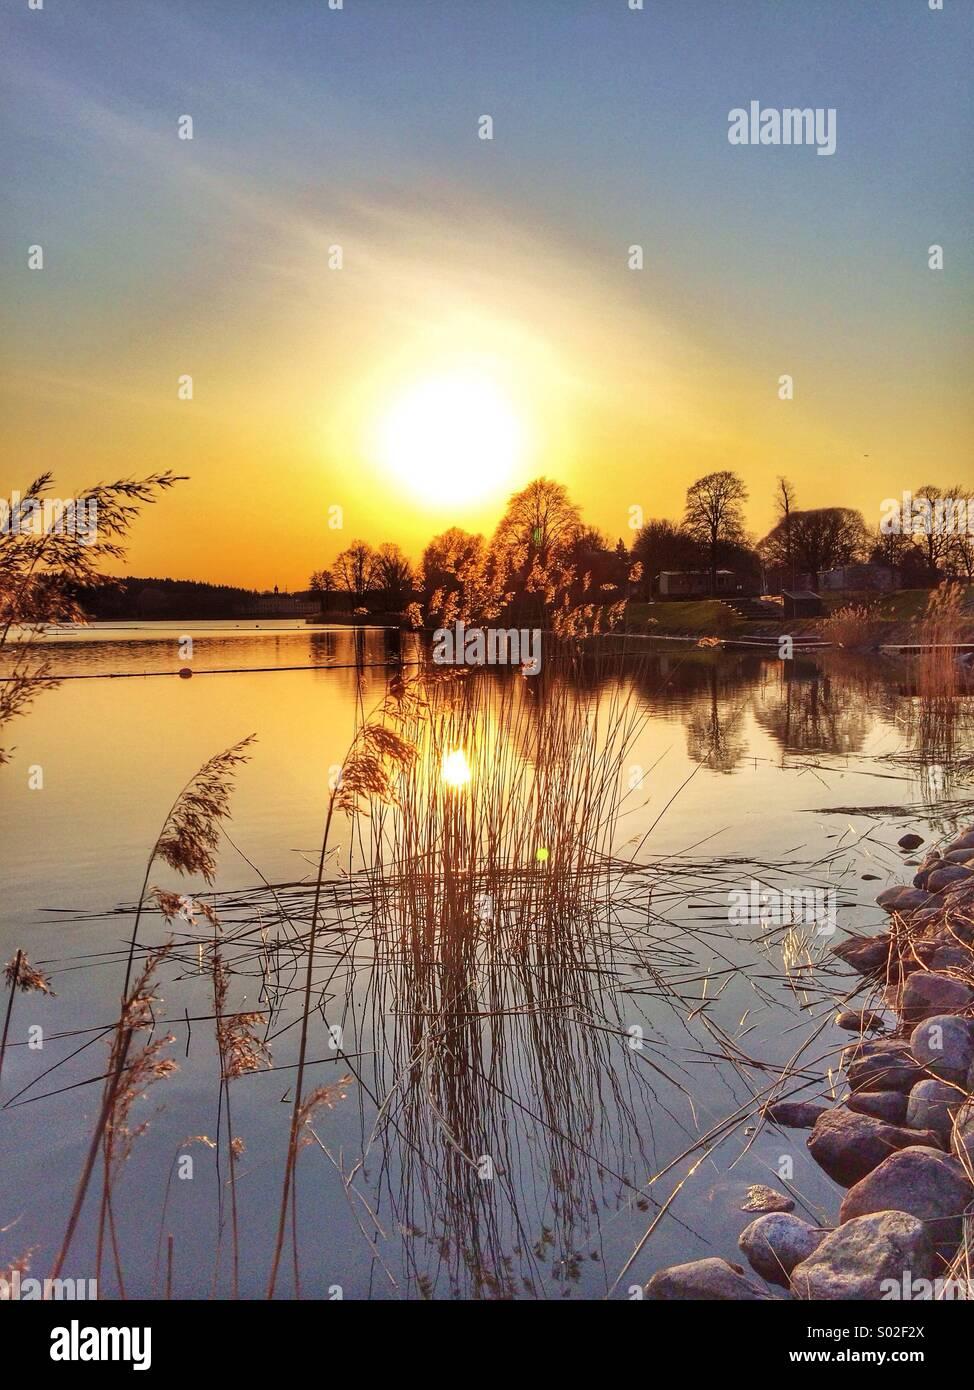 Sonnenuntergang in den Schären stockolm Stockbild